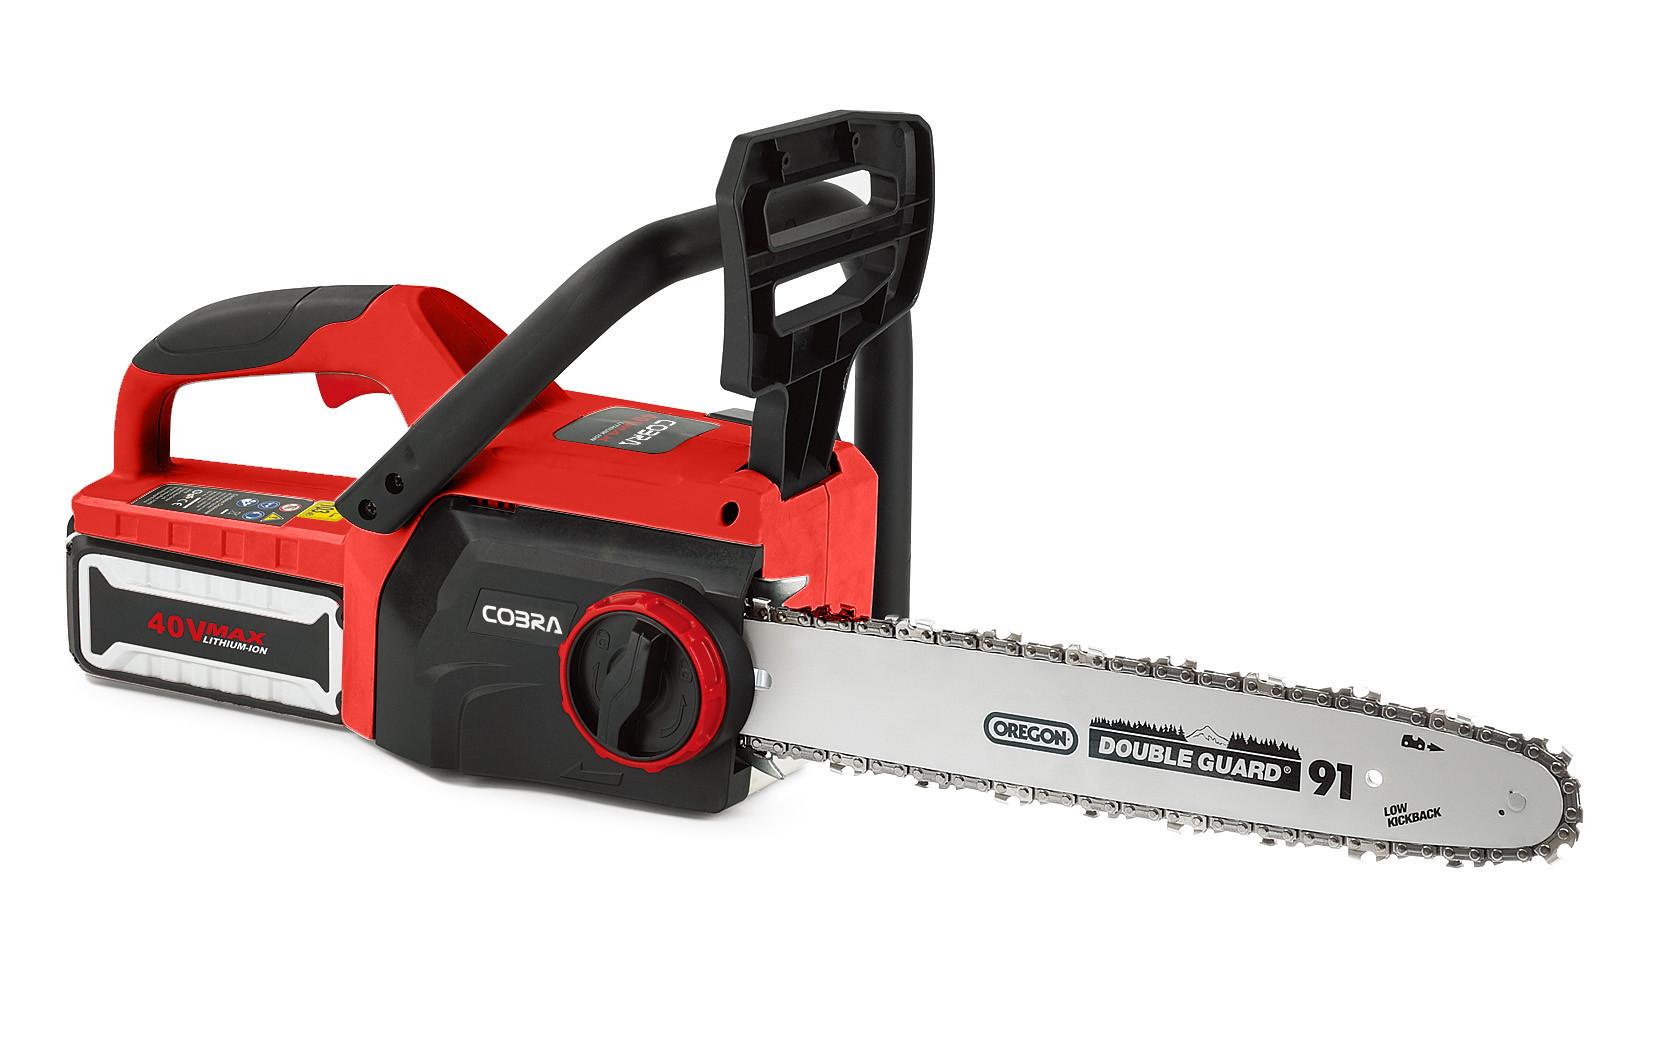 CS35040VZ 40v Cordless Chainsaw